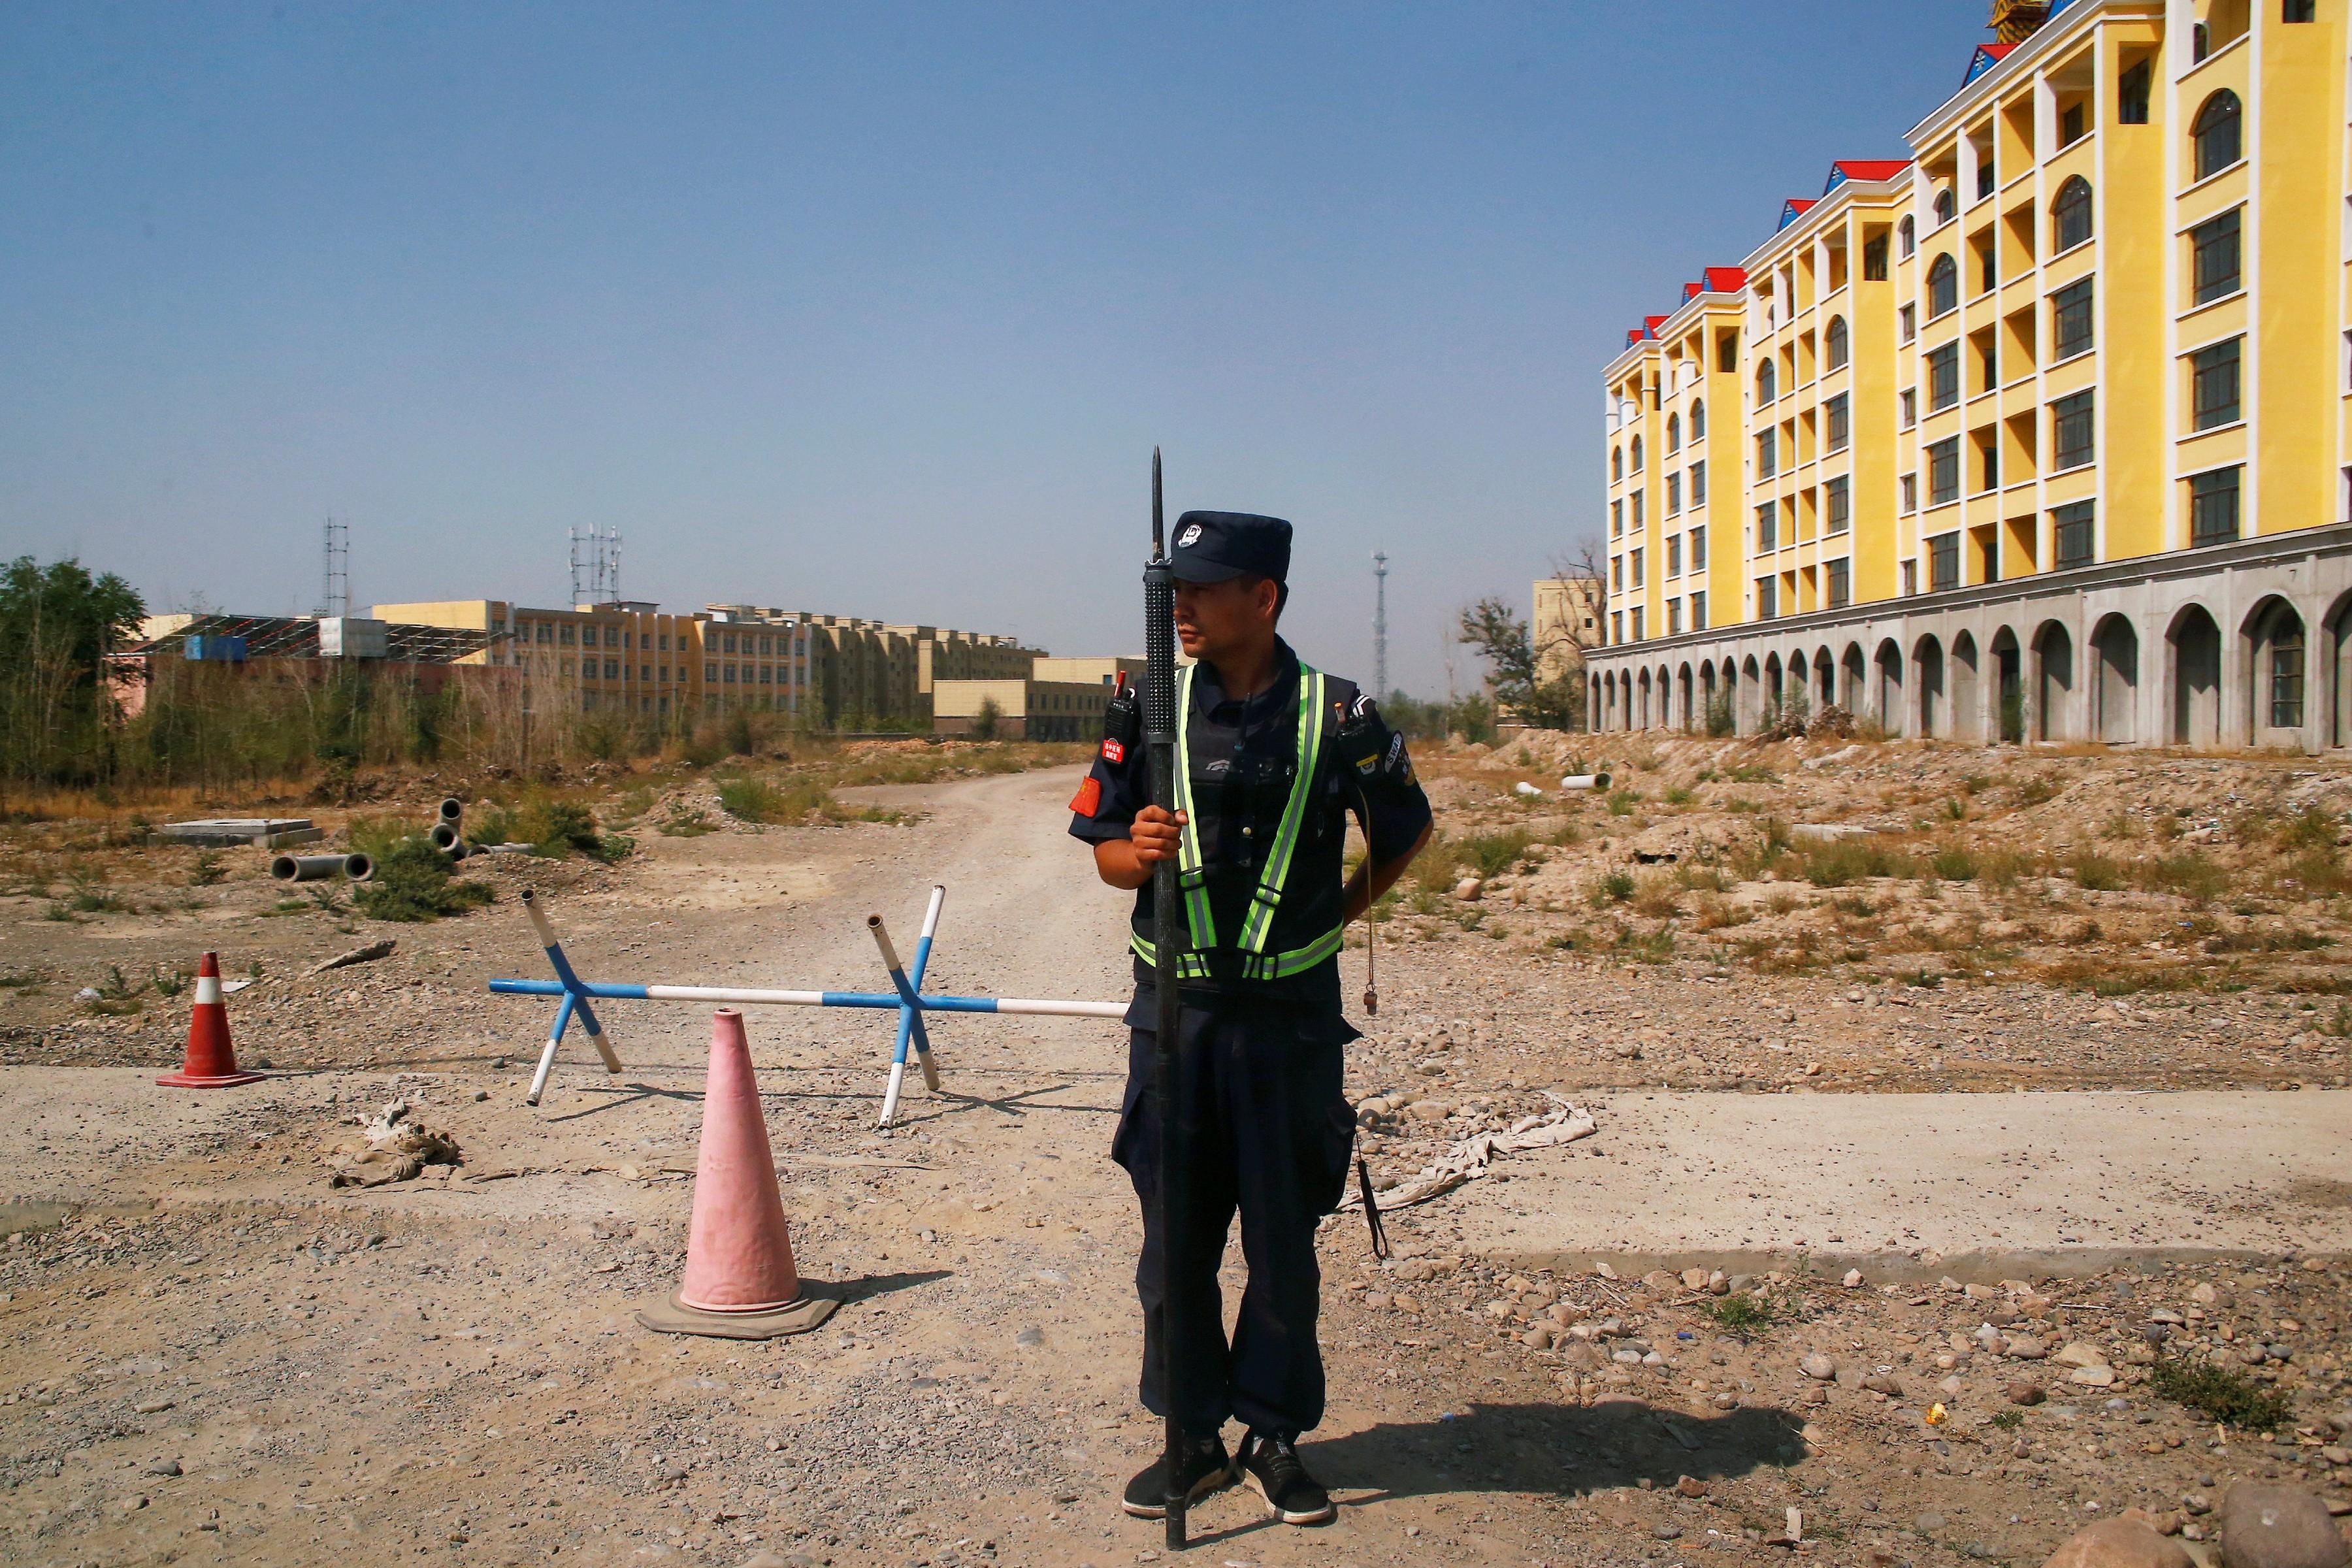 EUA proíbem importação de produtos derivados de algodão e tomate da região chinesa de Xinjiang